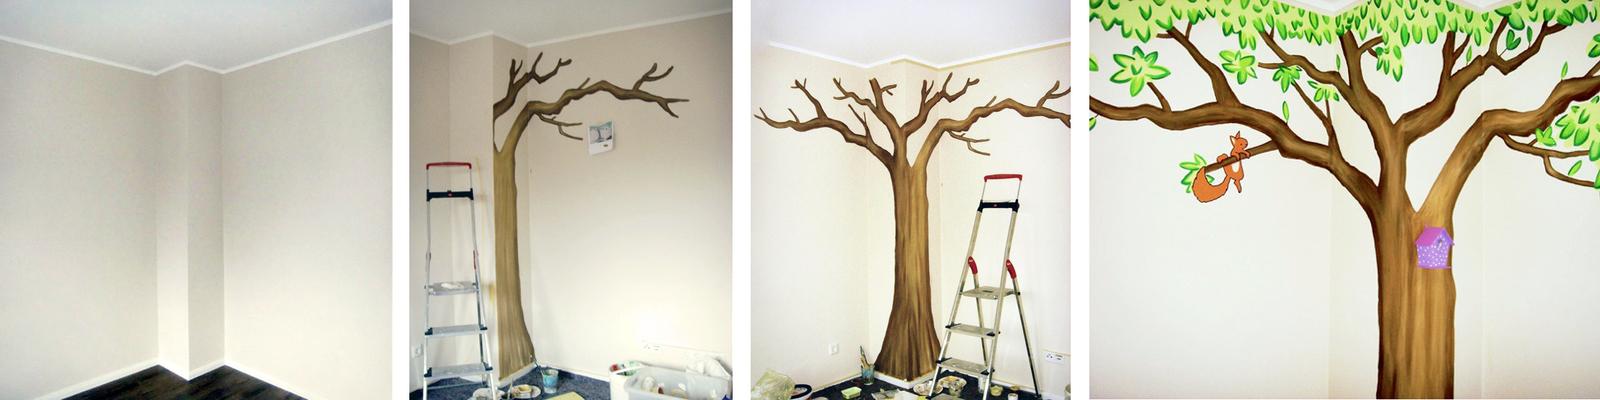 Kinderzimmer wandgestaltung baum selber malen  Sweetwall - Wunschmotive für Deine Wand. Wandmalerei für ...